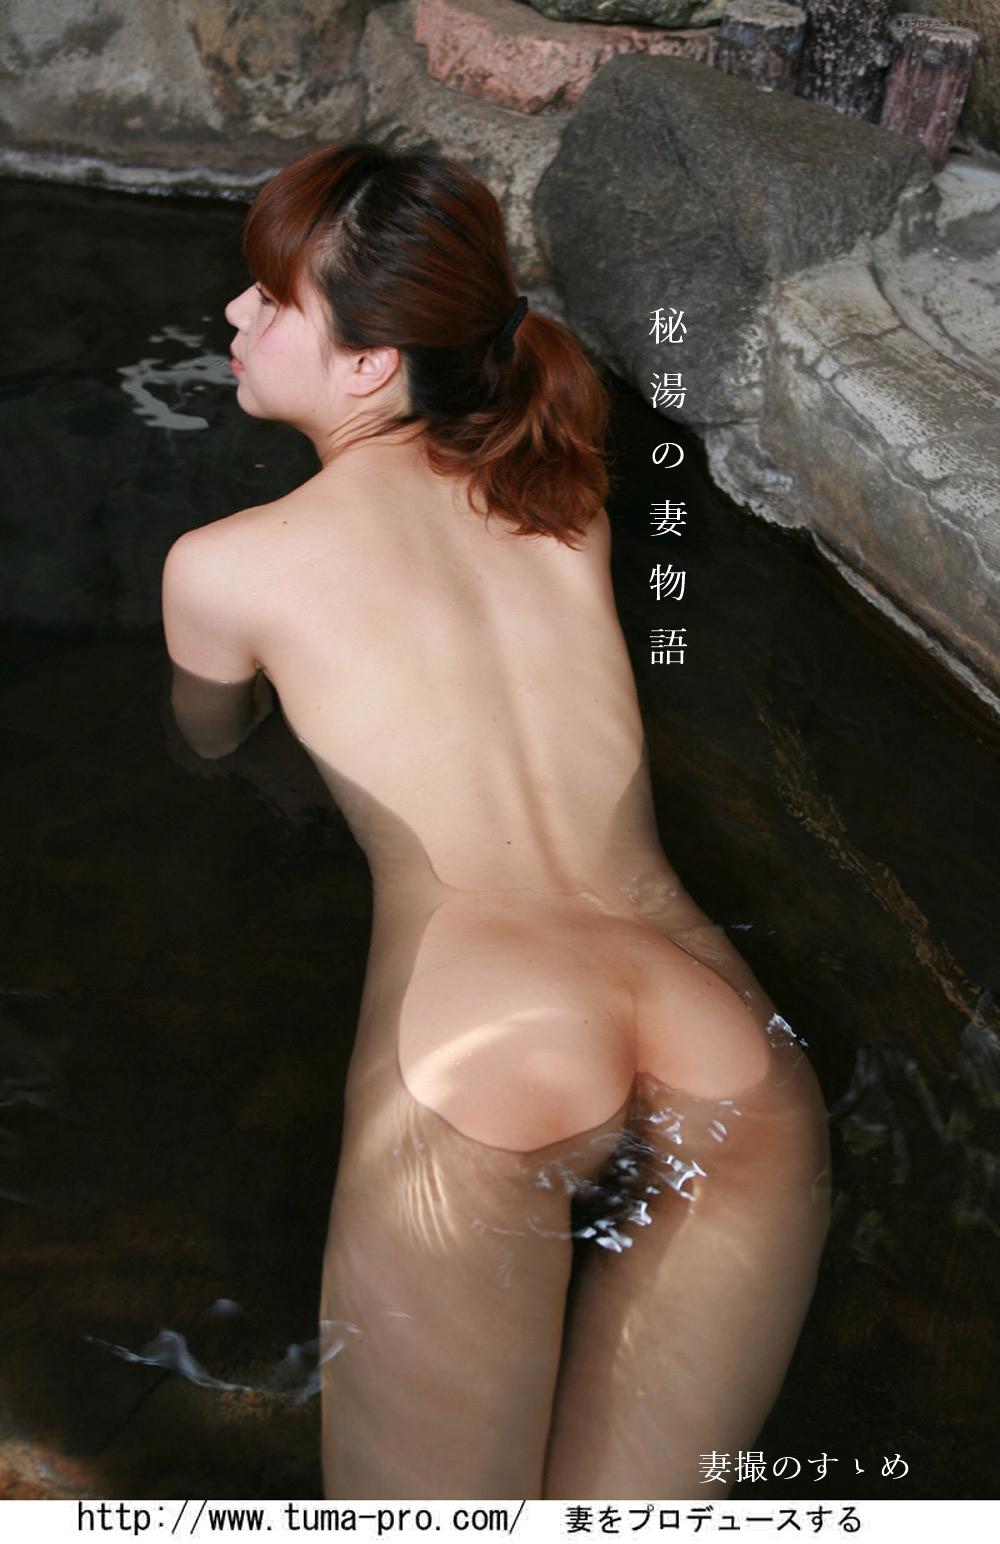 ayaae596ef235